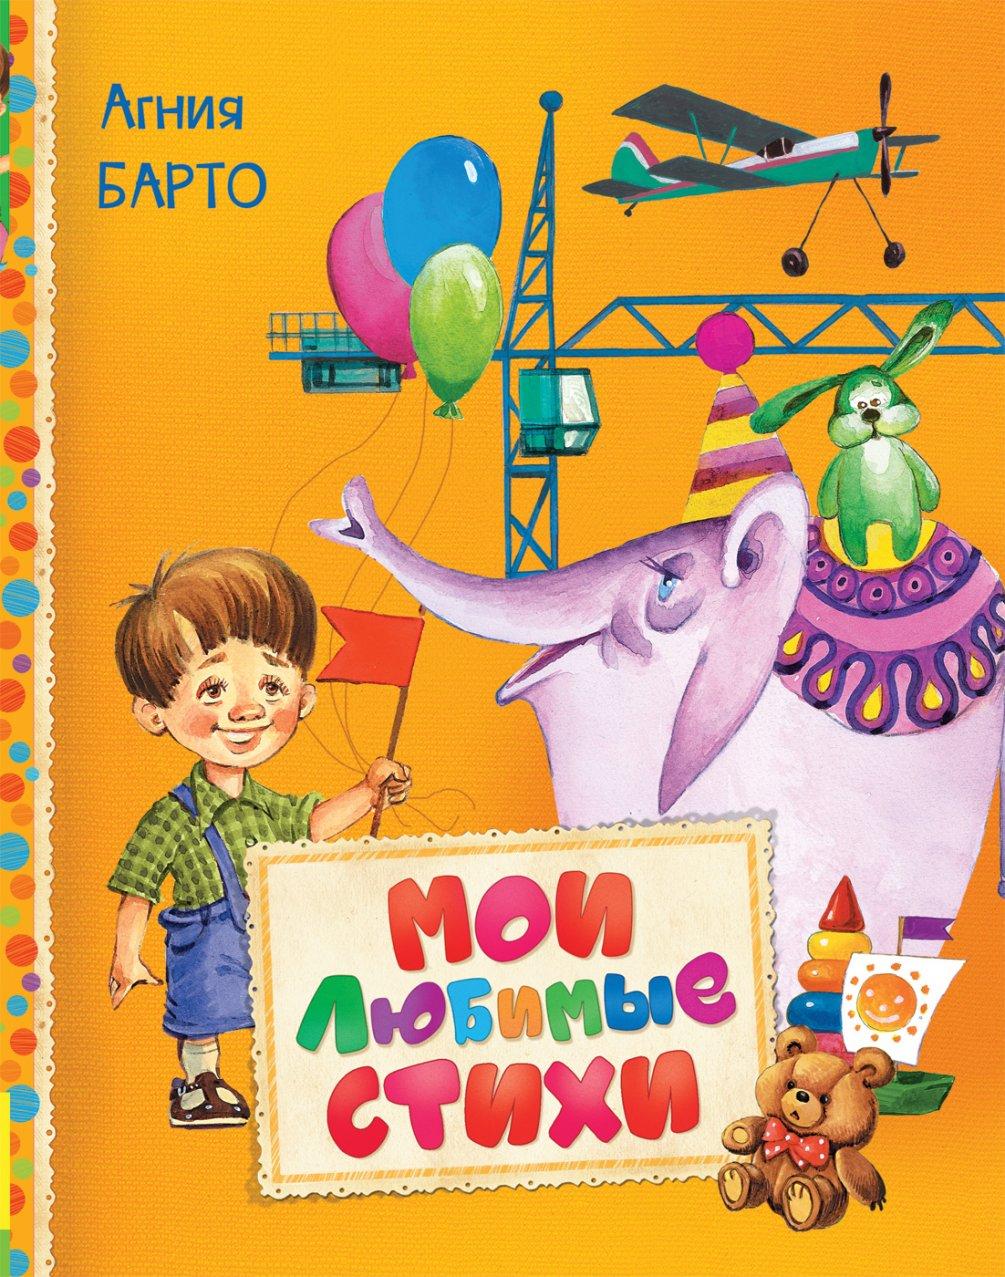 Книга Барто А. - Мои любимые стихи. Читаем малышамХрестоматии и сборники<br>Книга Барто А. - Мои любимые стихи. Читаем малышам<br>